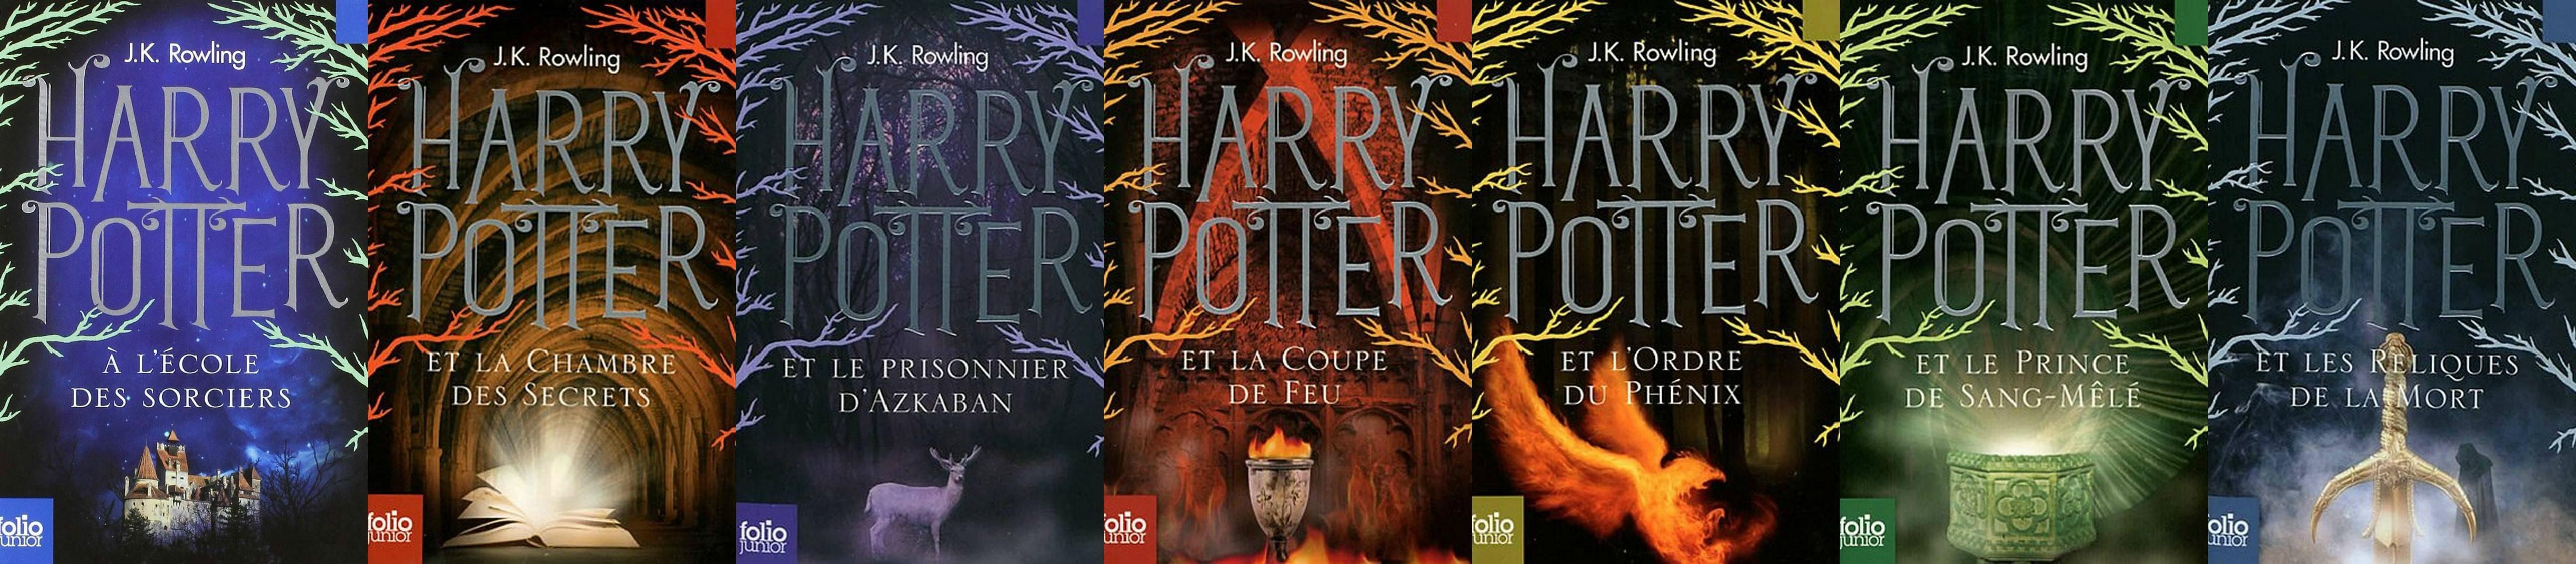 Les Couvertures Des Livres Harry Potter Par Pays